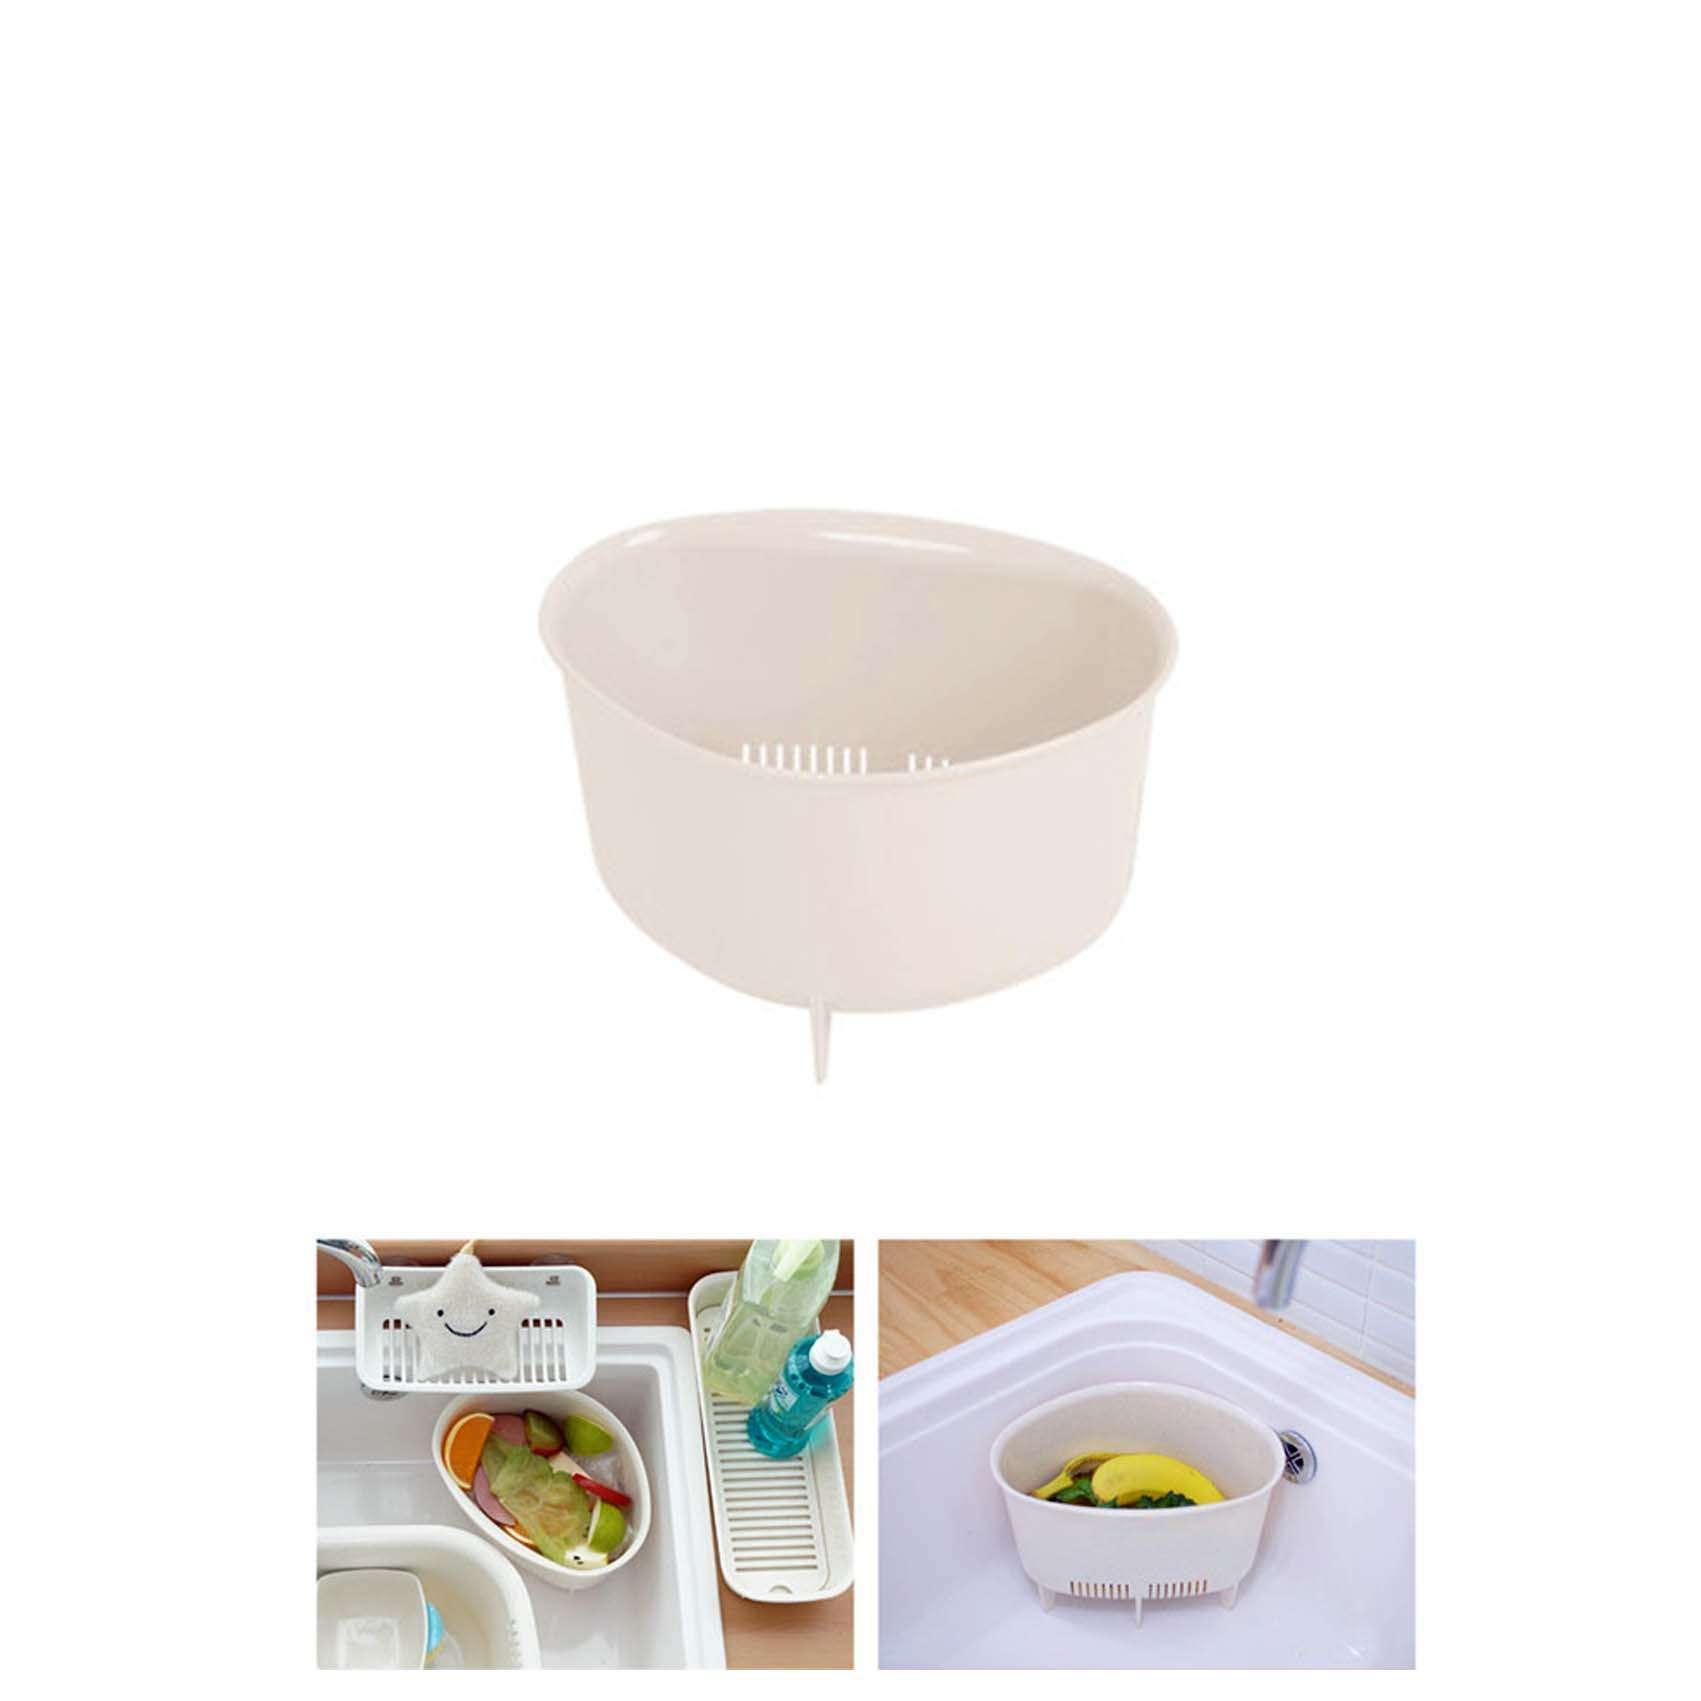 Sink Food Waste Disposal Bin Sink Drainer Fruits Veggie Washing Basket Kitchen